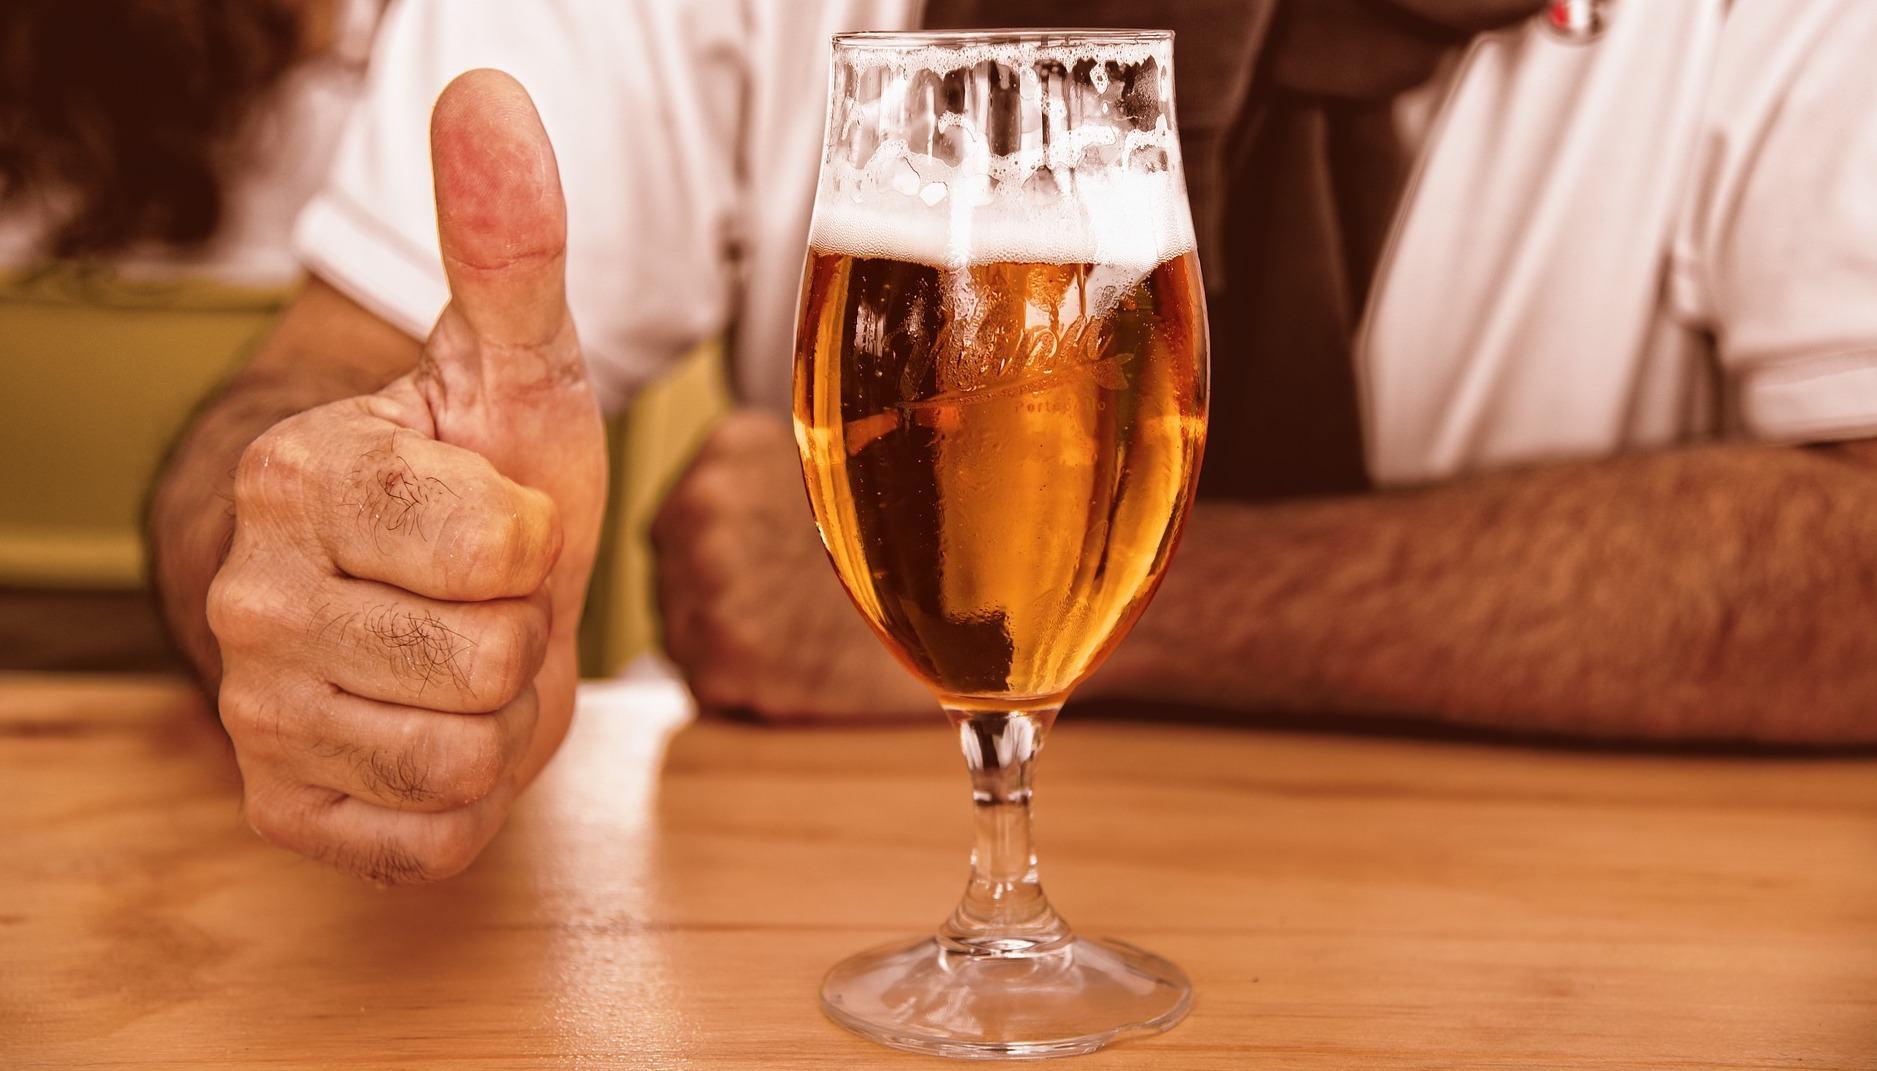 LG s'inventa una macchina per fare la birra in casa (con le capsule)